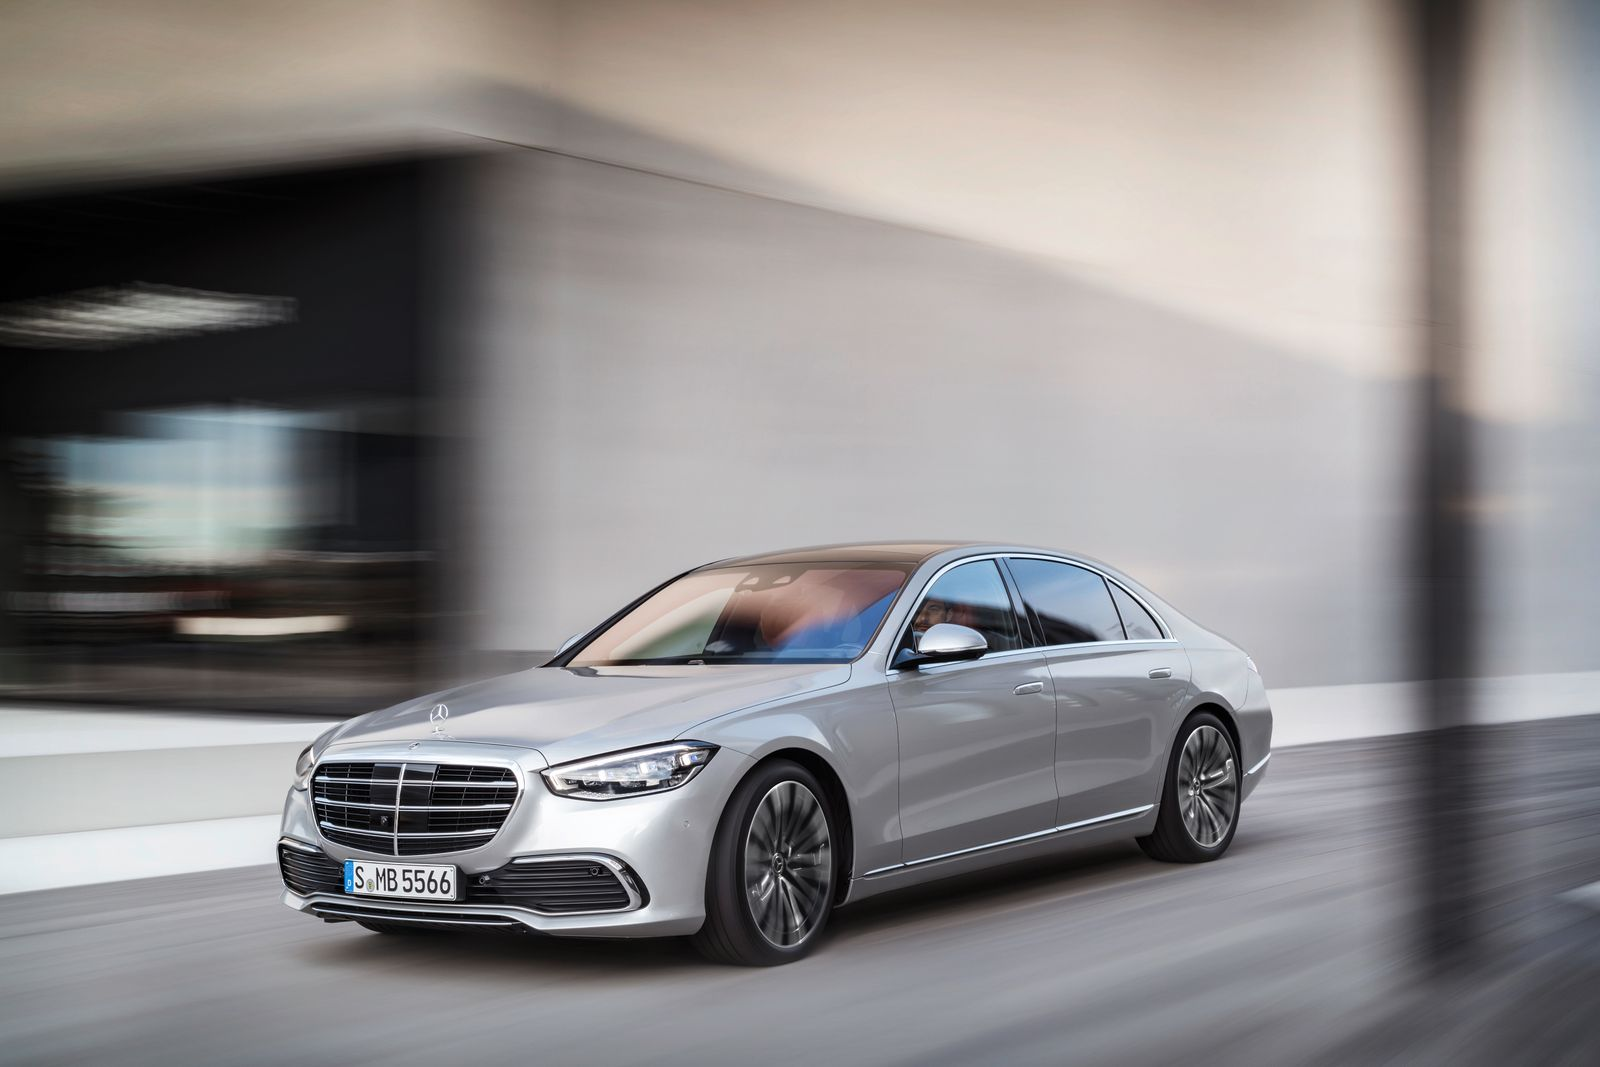 Mercedes-Benz S-Klasse, V 223, 2020 Mercedes-Benz S-Class, V 223, 2020